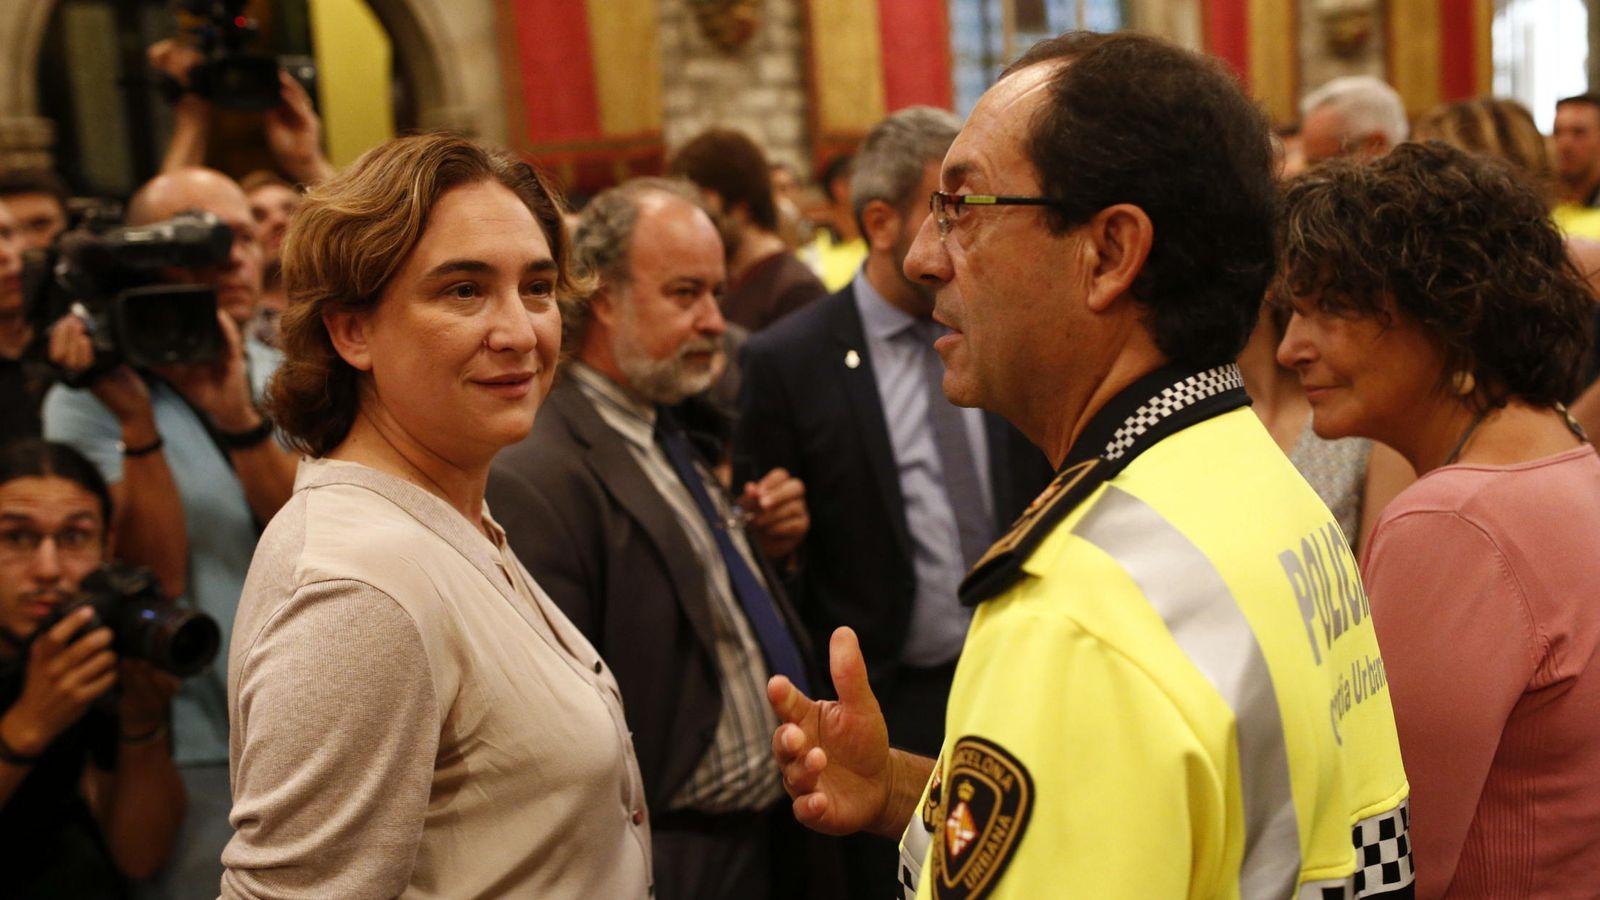 Foto: La alcaldesa de Barcelona, Ada Colau (i), saluda al jefe de la Guardia Urbana, el intendente Evelio Vázquez (d), durante el acto de bienvenida a los nuevos agentes de la 87 promoción de la Guardia Urbana de Barcelona. (EFE)